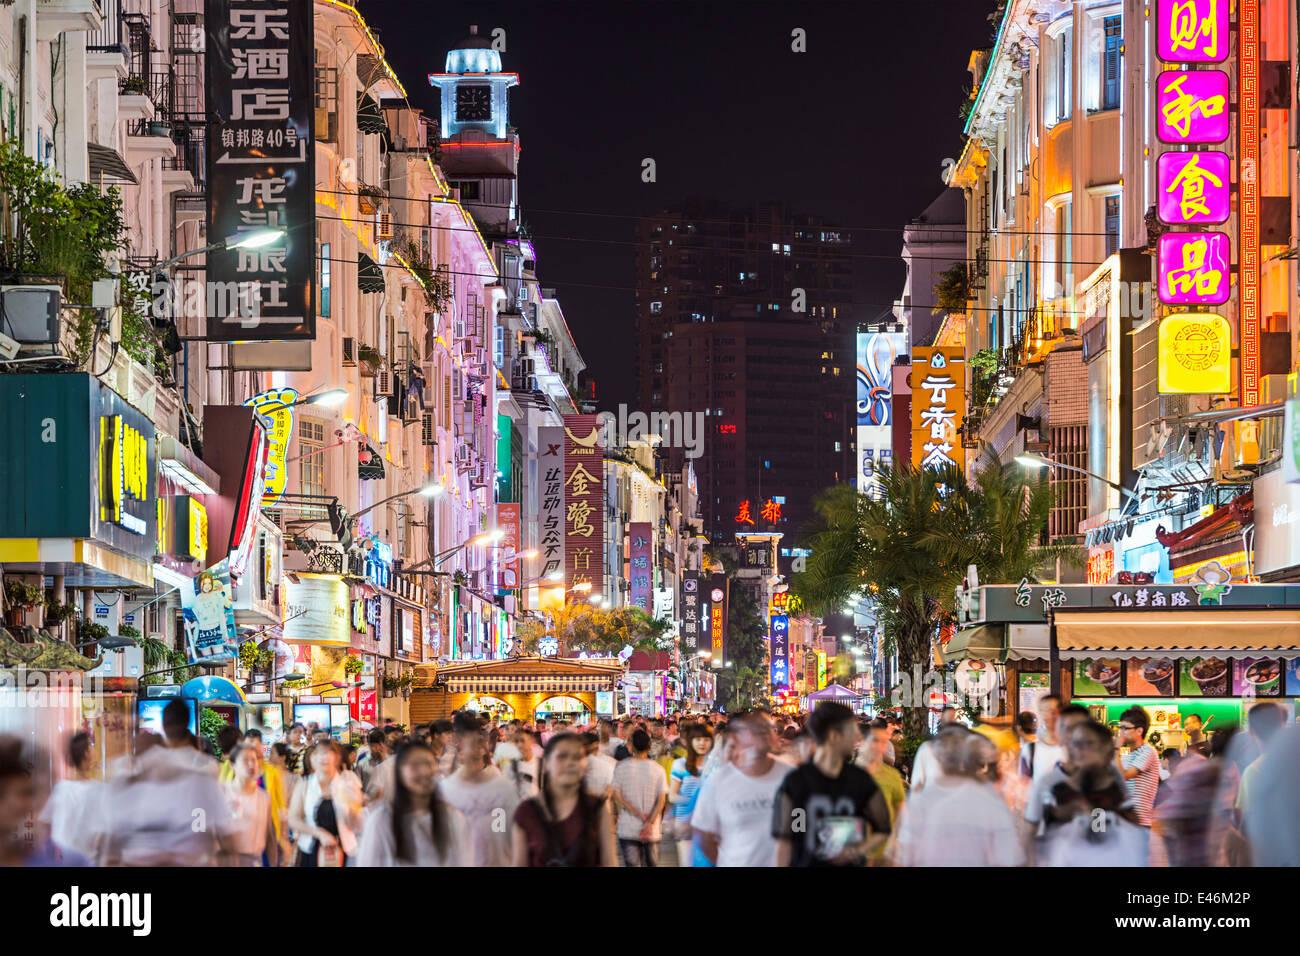 Zhongshan Street, Xiamen, Fujian, China. - Stock Image